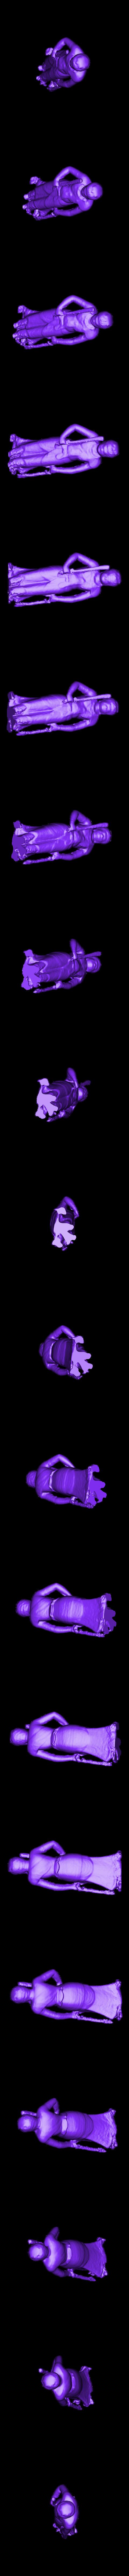 fudo_myoo.stl Télécharger fichier OBJ gratuit Fud My (Achala-vidyrja) • Design imprimable en 3D, metmuseum